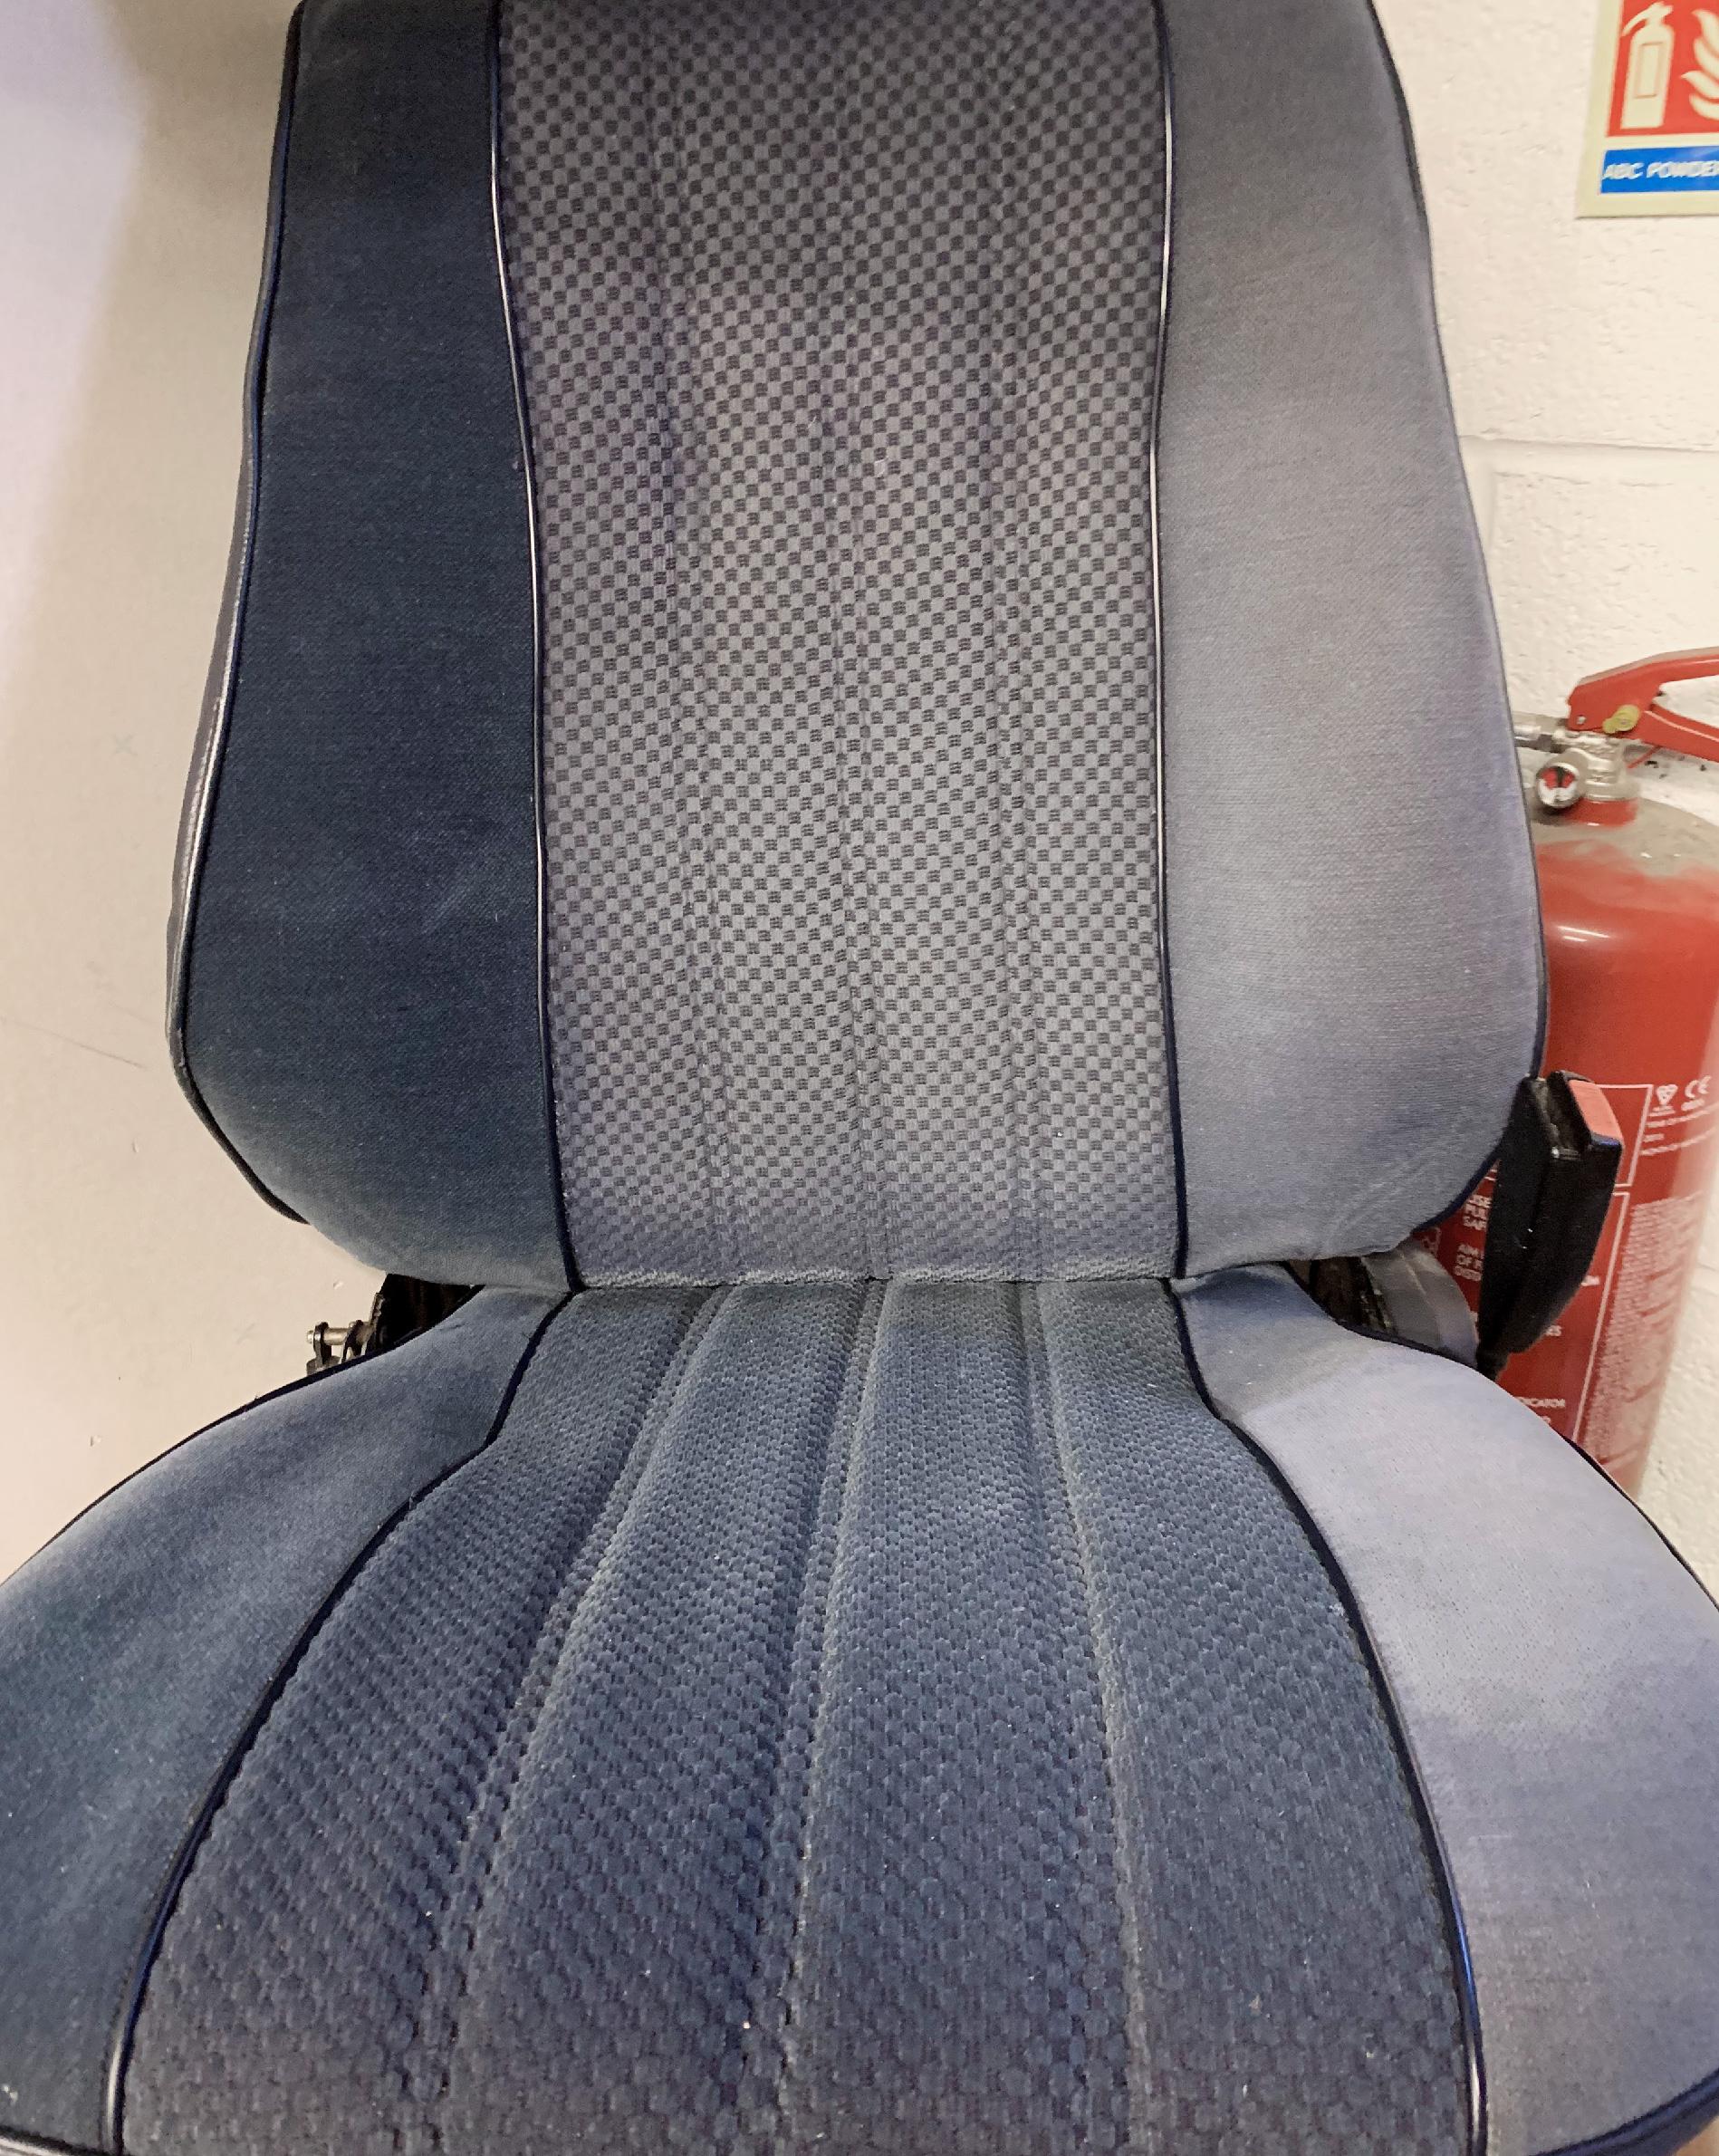 Vehicle+seat+repair+in+progress